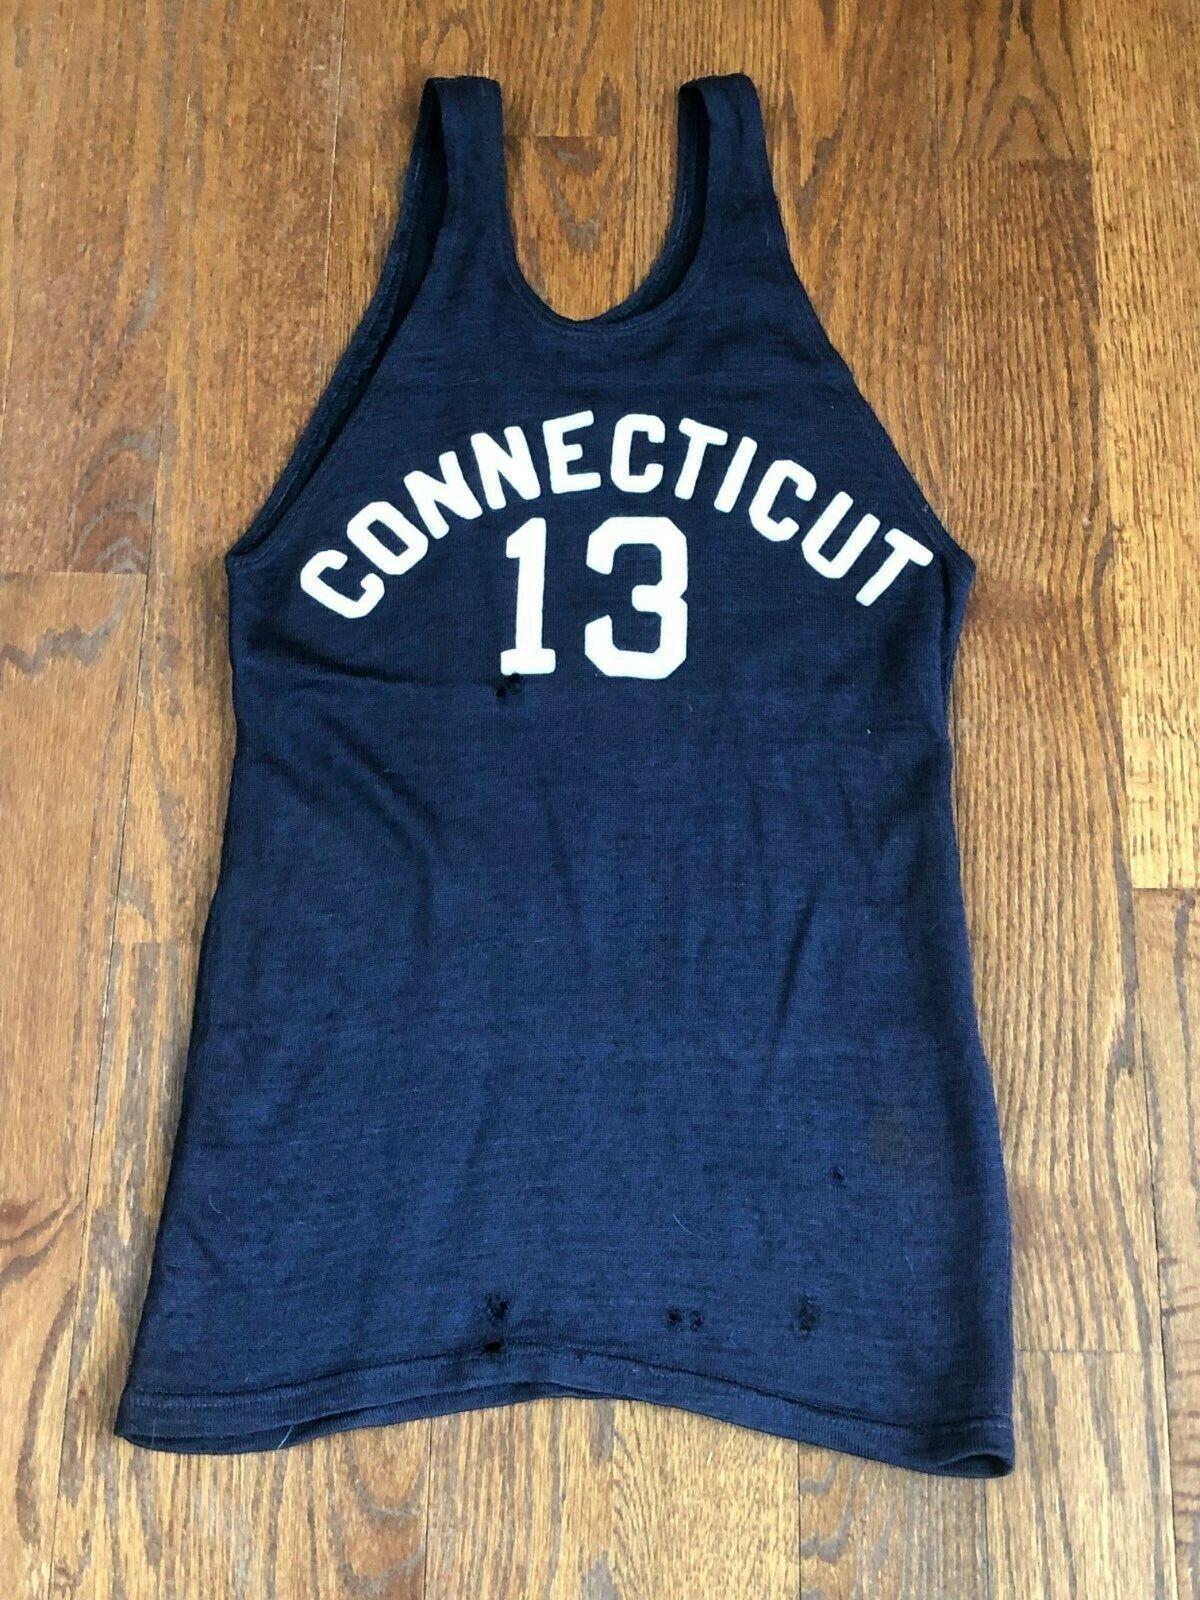 Espectacular Espectacular Espectacular Antiguo Connecticut u Conn Huskies 1930s Game Usado 8dc562